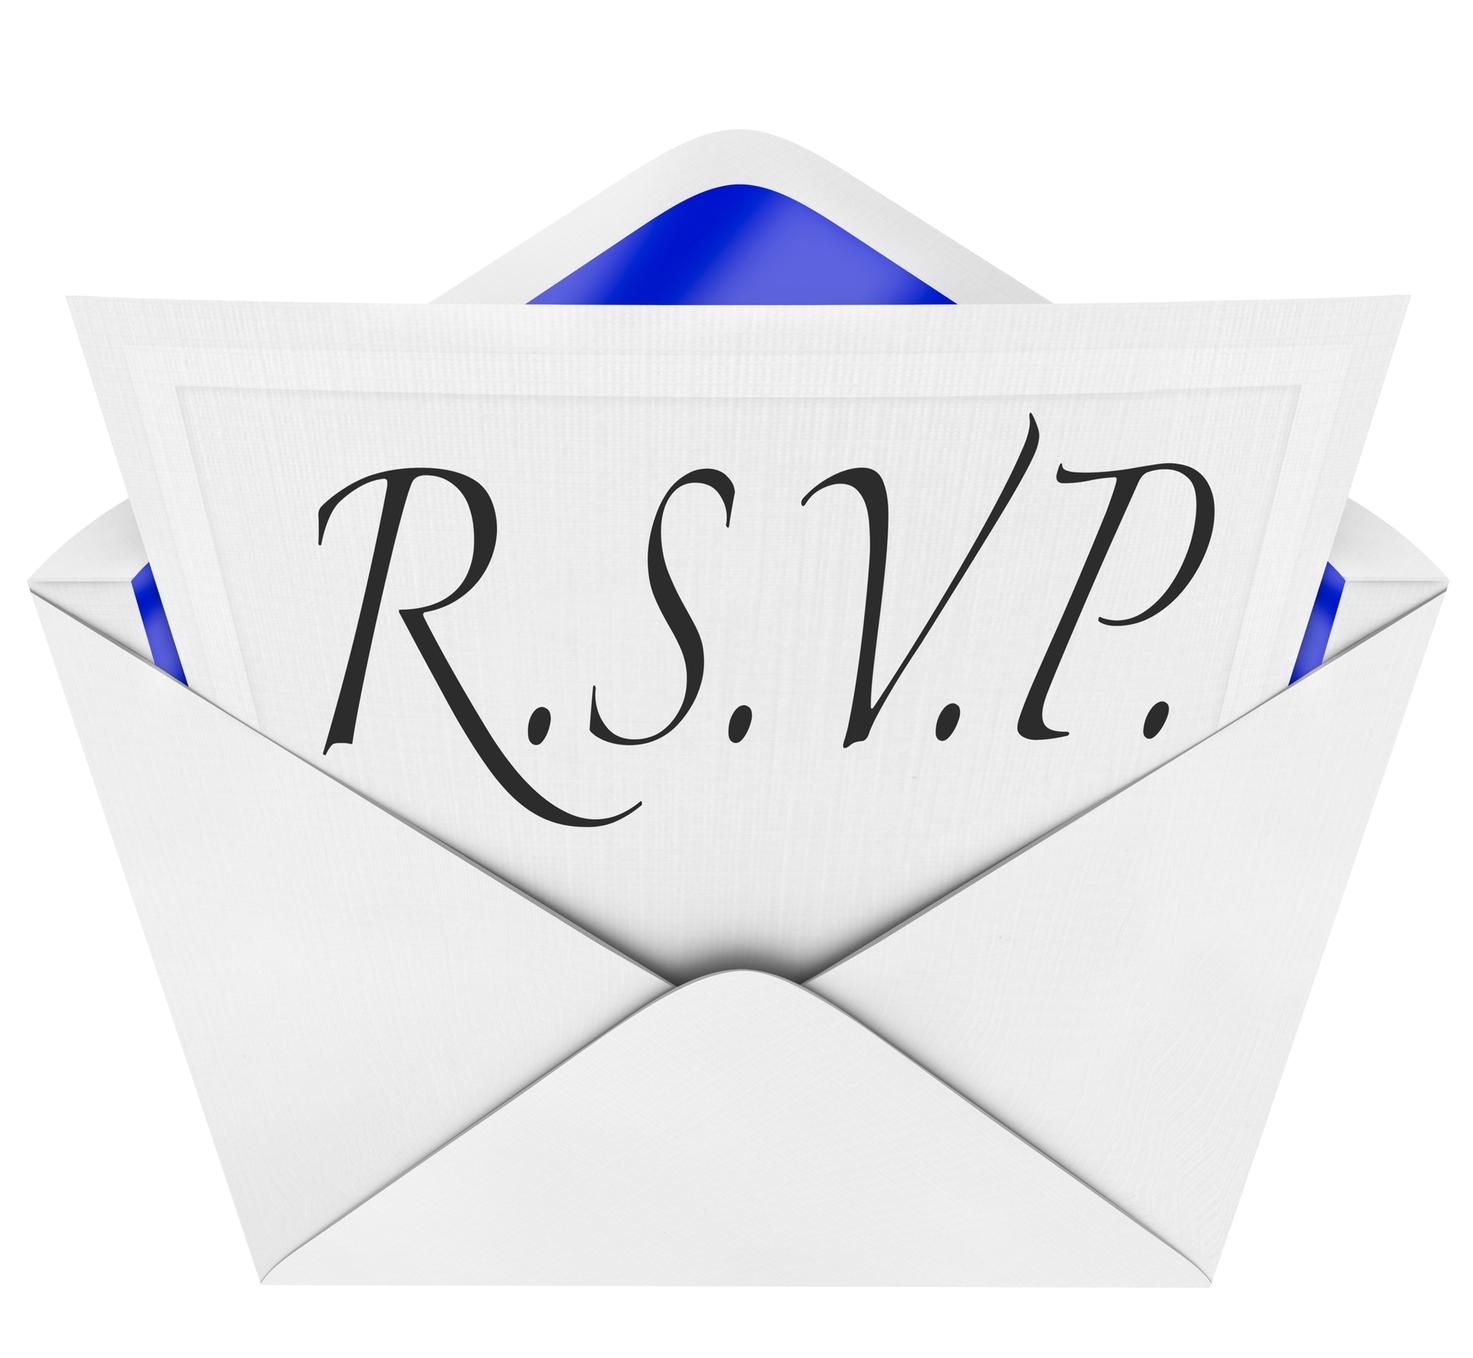 Gallery clipart rsvp Clip Art Art Art Download